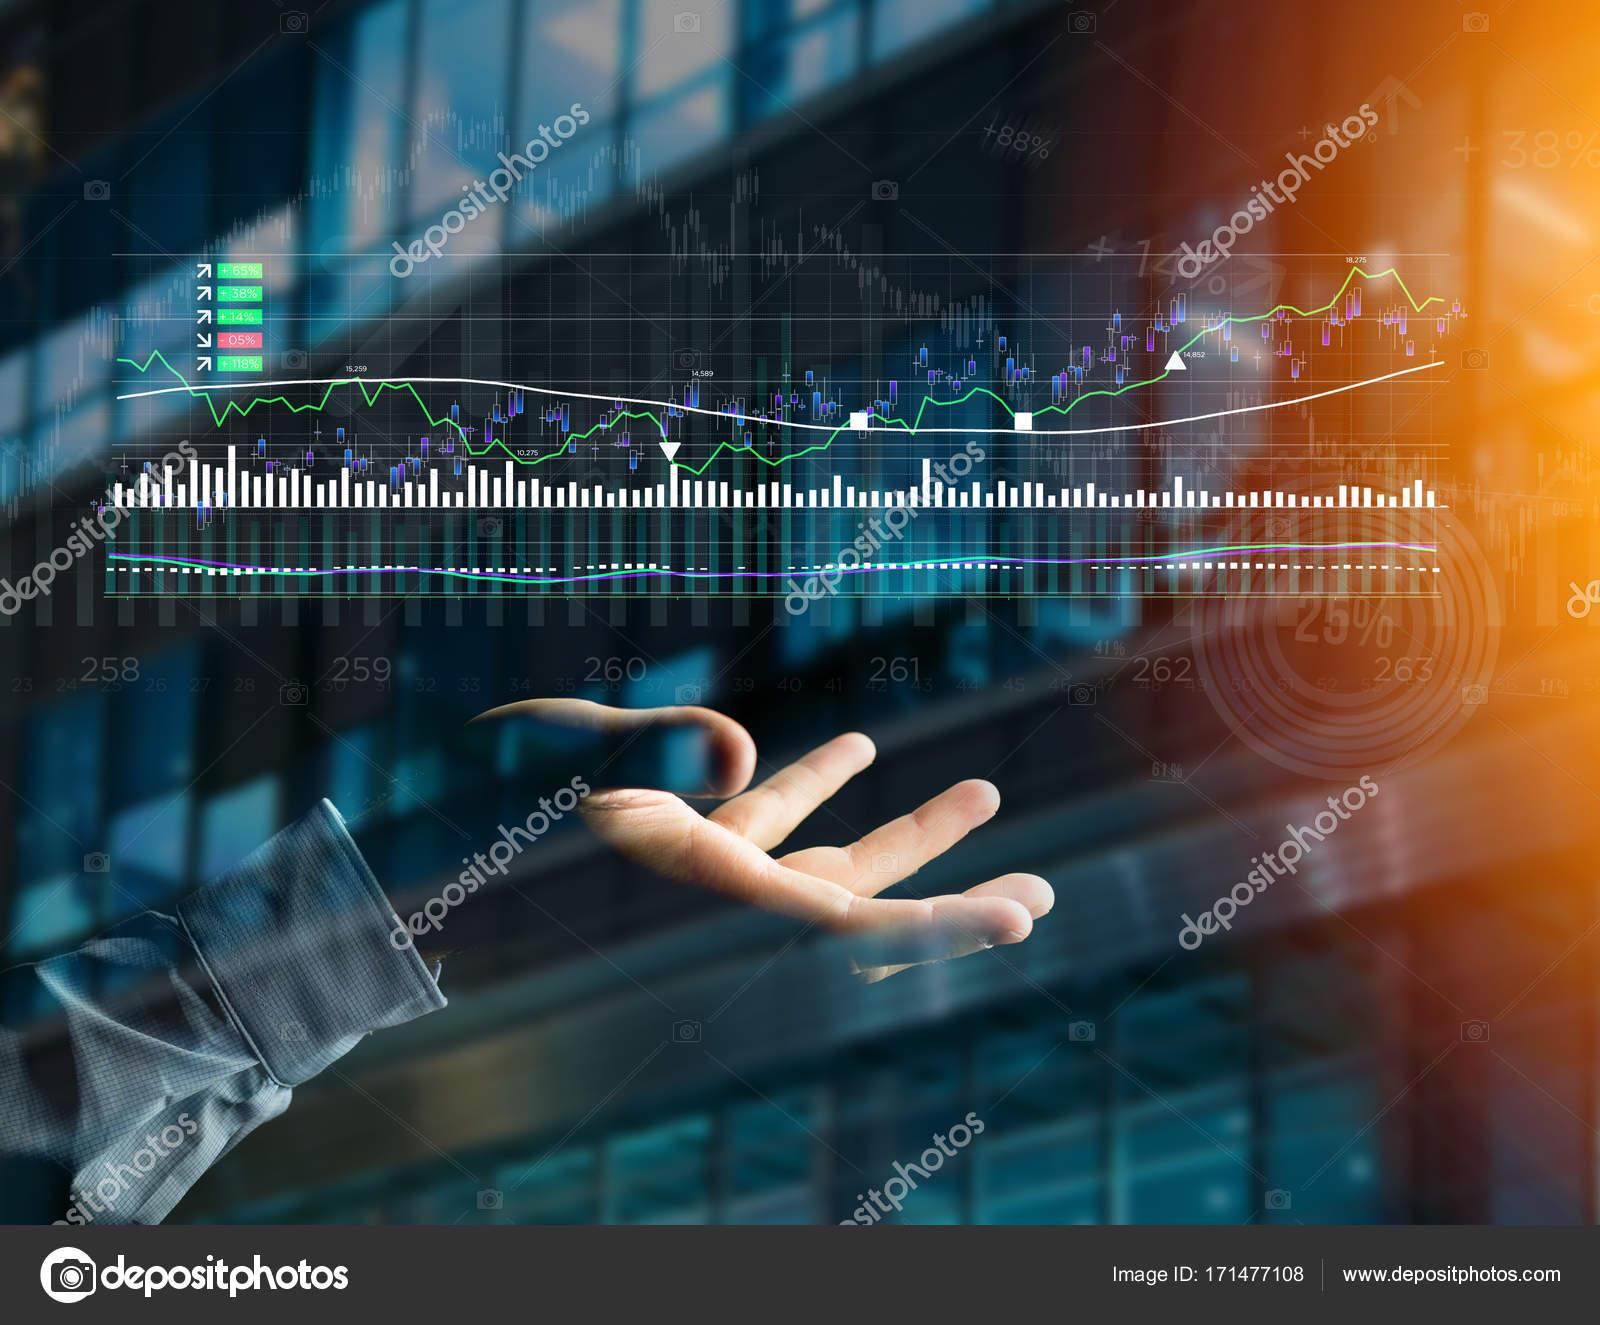 Сайт фондовая биржа форекс акции кредит свисс